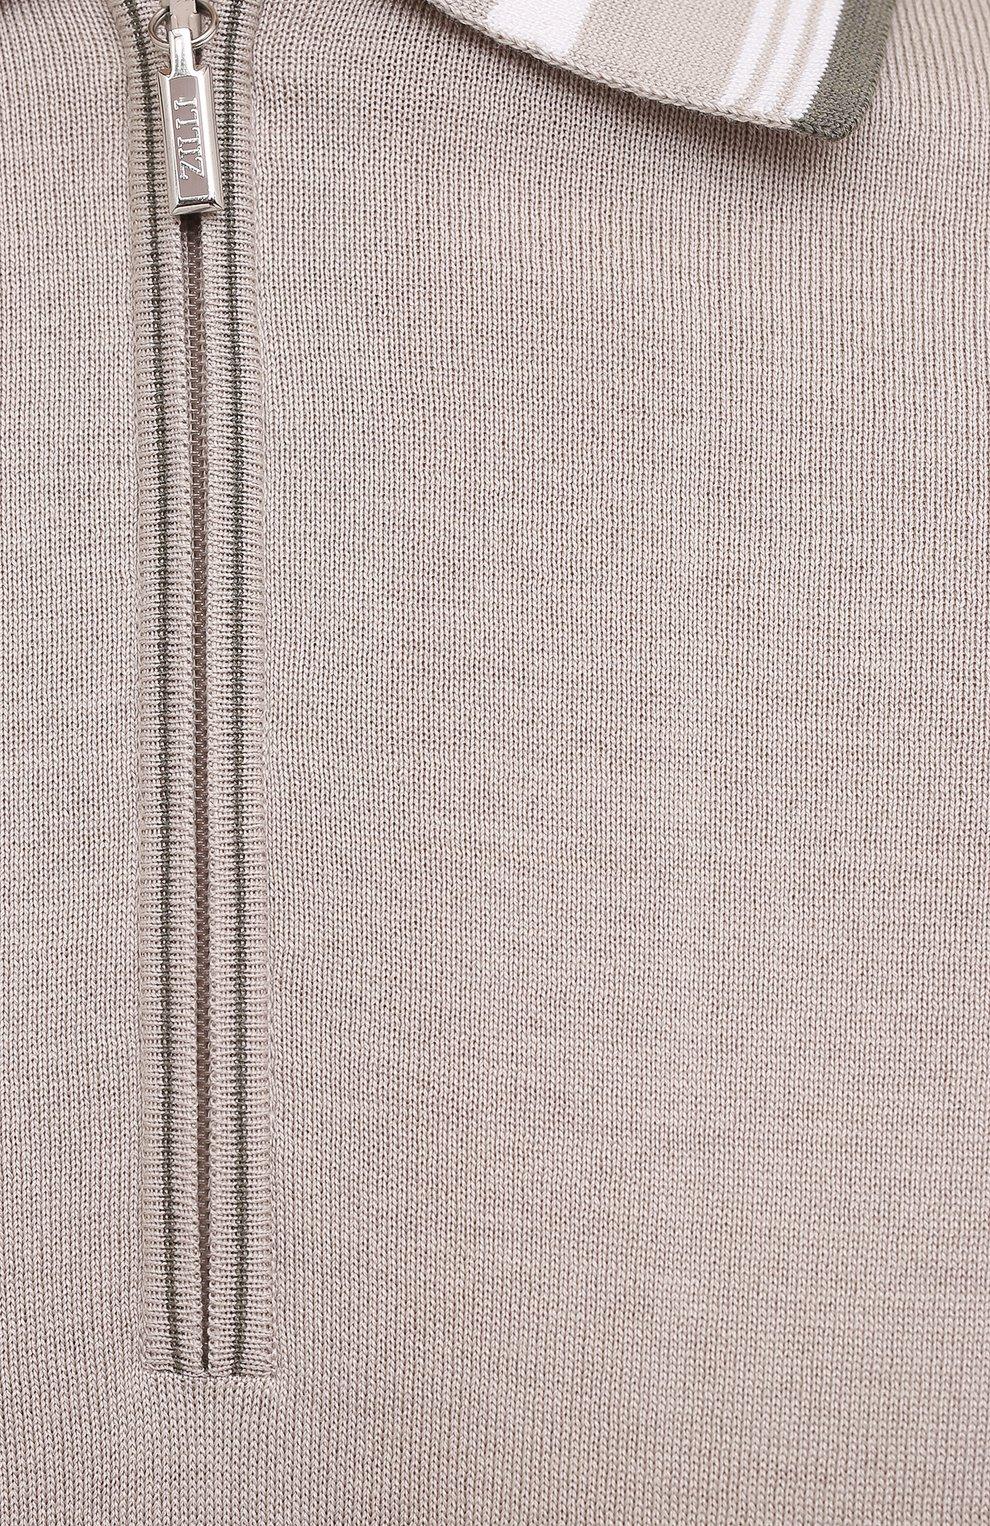 Мужское поло из хлопка и шелка ZILLI бежевого цвета, арт. MBV-PZ002-C0SE1/MC01 | Фото 5